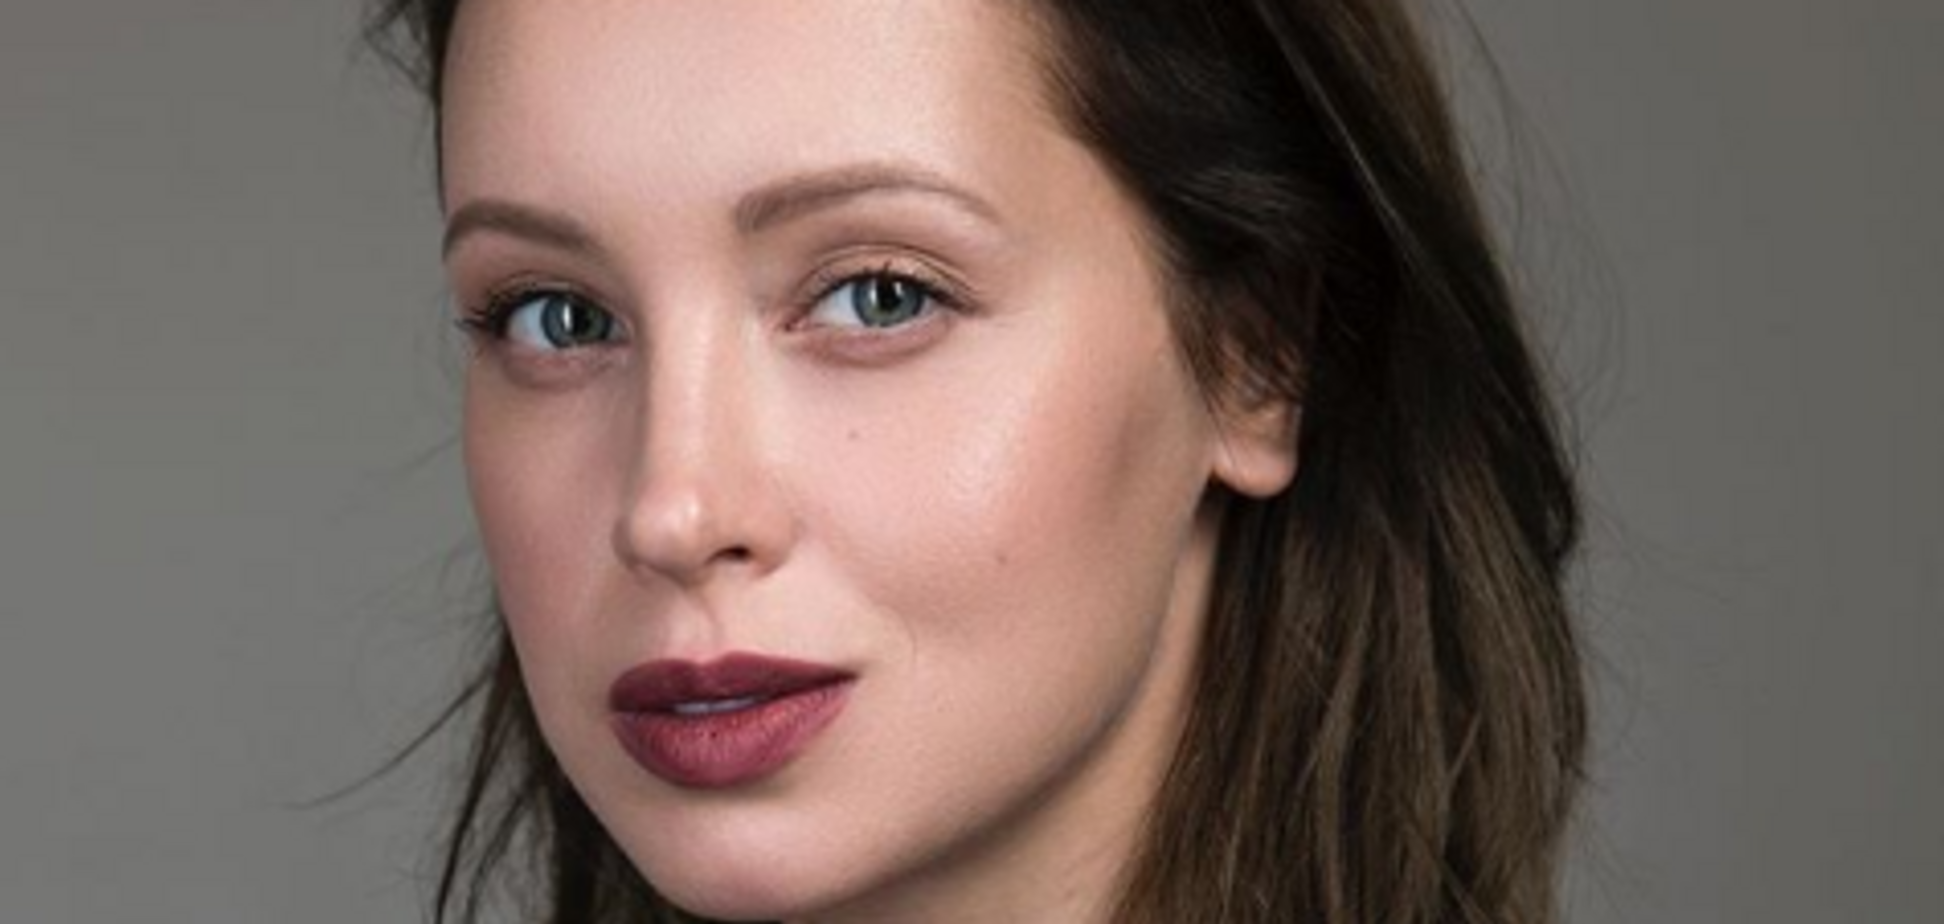 'Упала в голодный обморок': звезда сериала 'Кухня' раскрыла секрет красоты